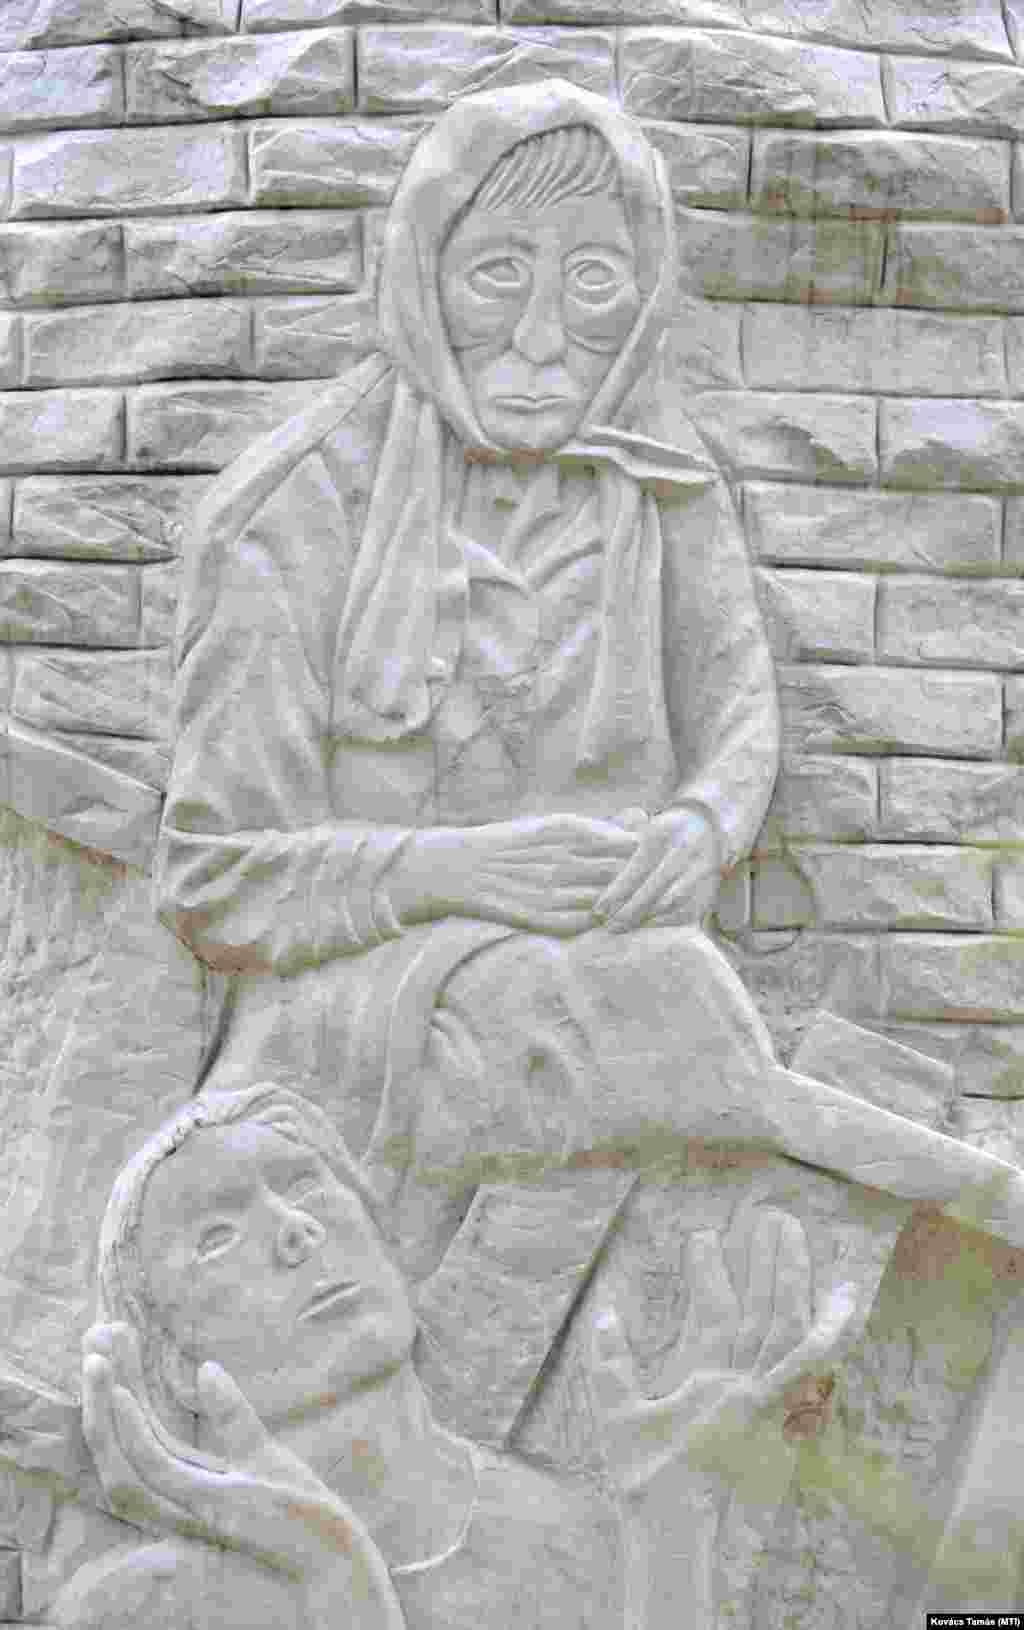 A pécsi roma holokauszt-emlékmű egyik részlete